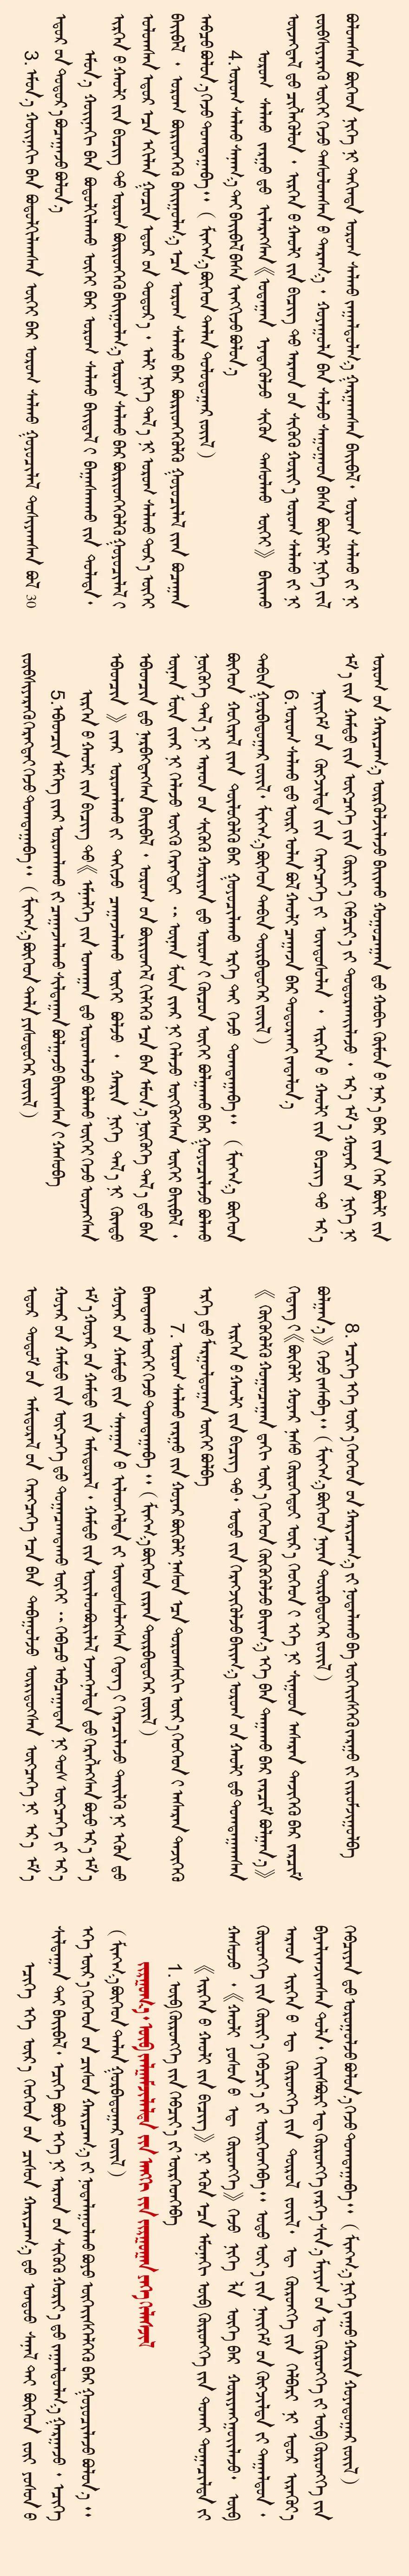 《民法典》49大亮点全梳理 第6张 《民法典》49大亮点全梳理 蒙古文库